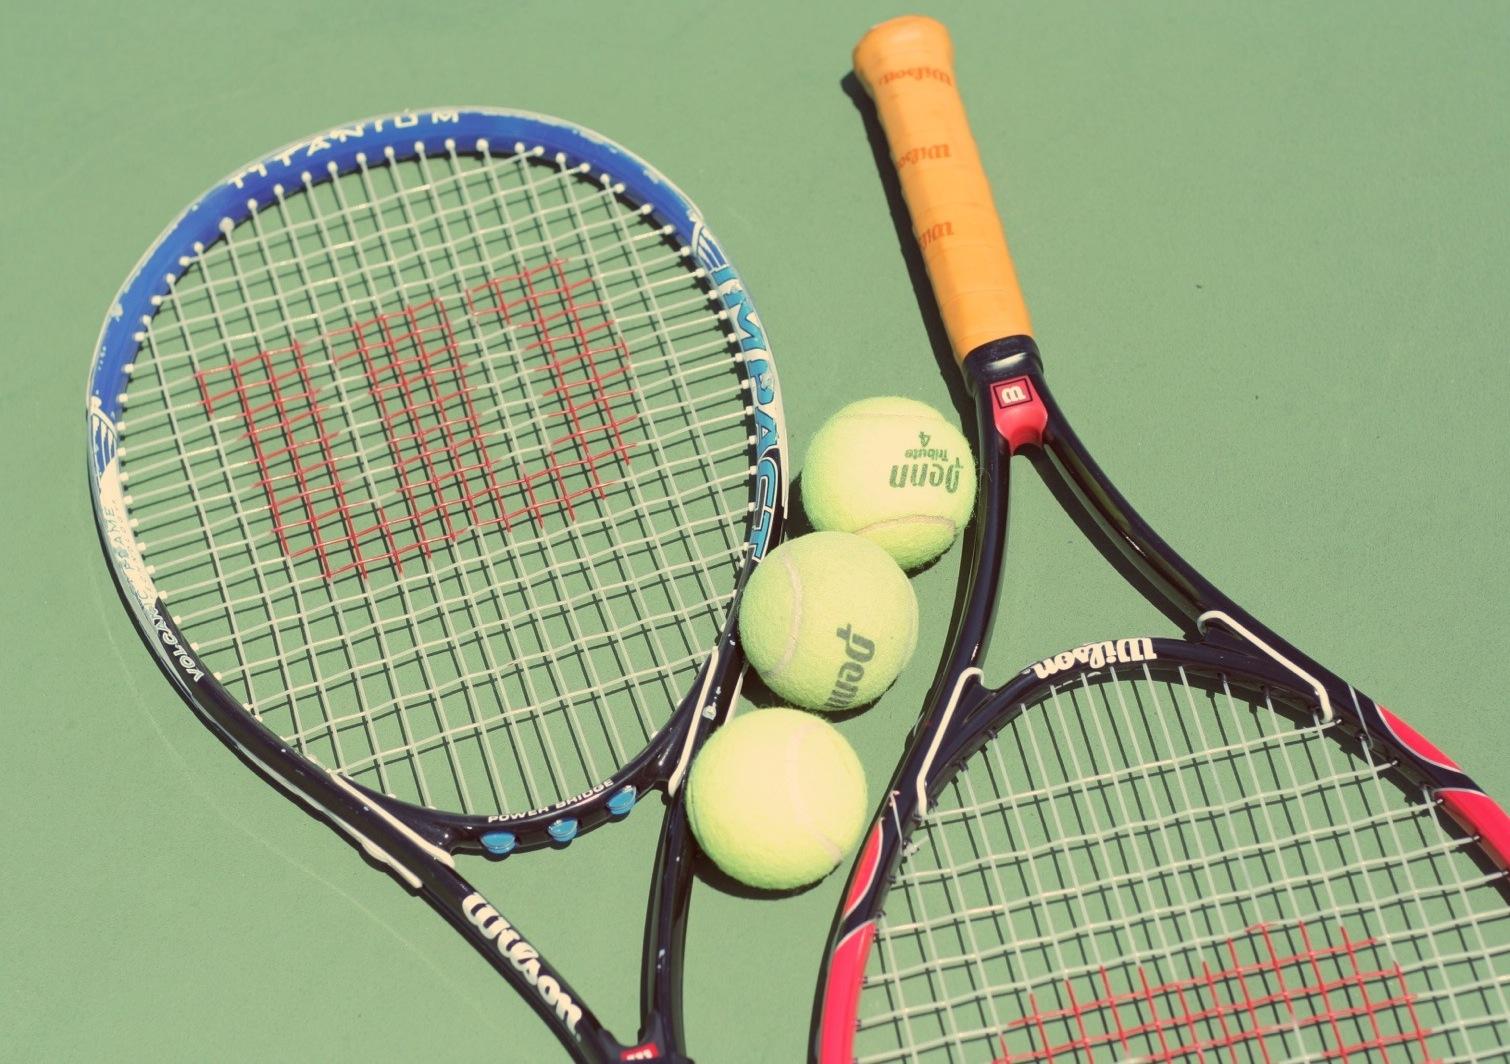 Wilson Tennisschläger: Test & Empfehlungen (02/21)